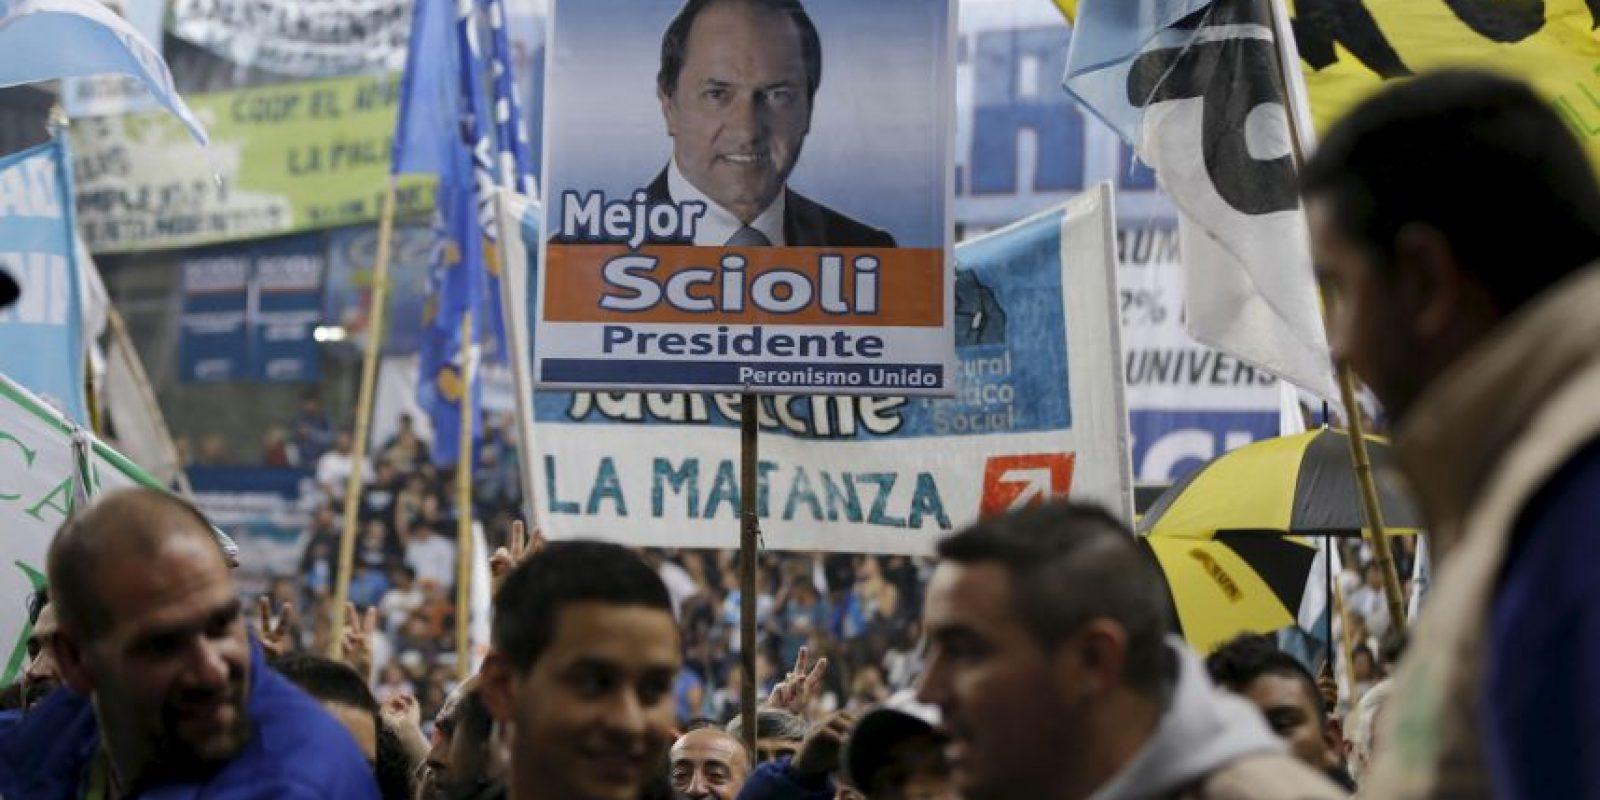 La primera vuelta electoral se celebró el pasado 25 de octubre, y tuvo resultados muy reñidos Foto:AP